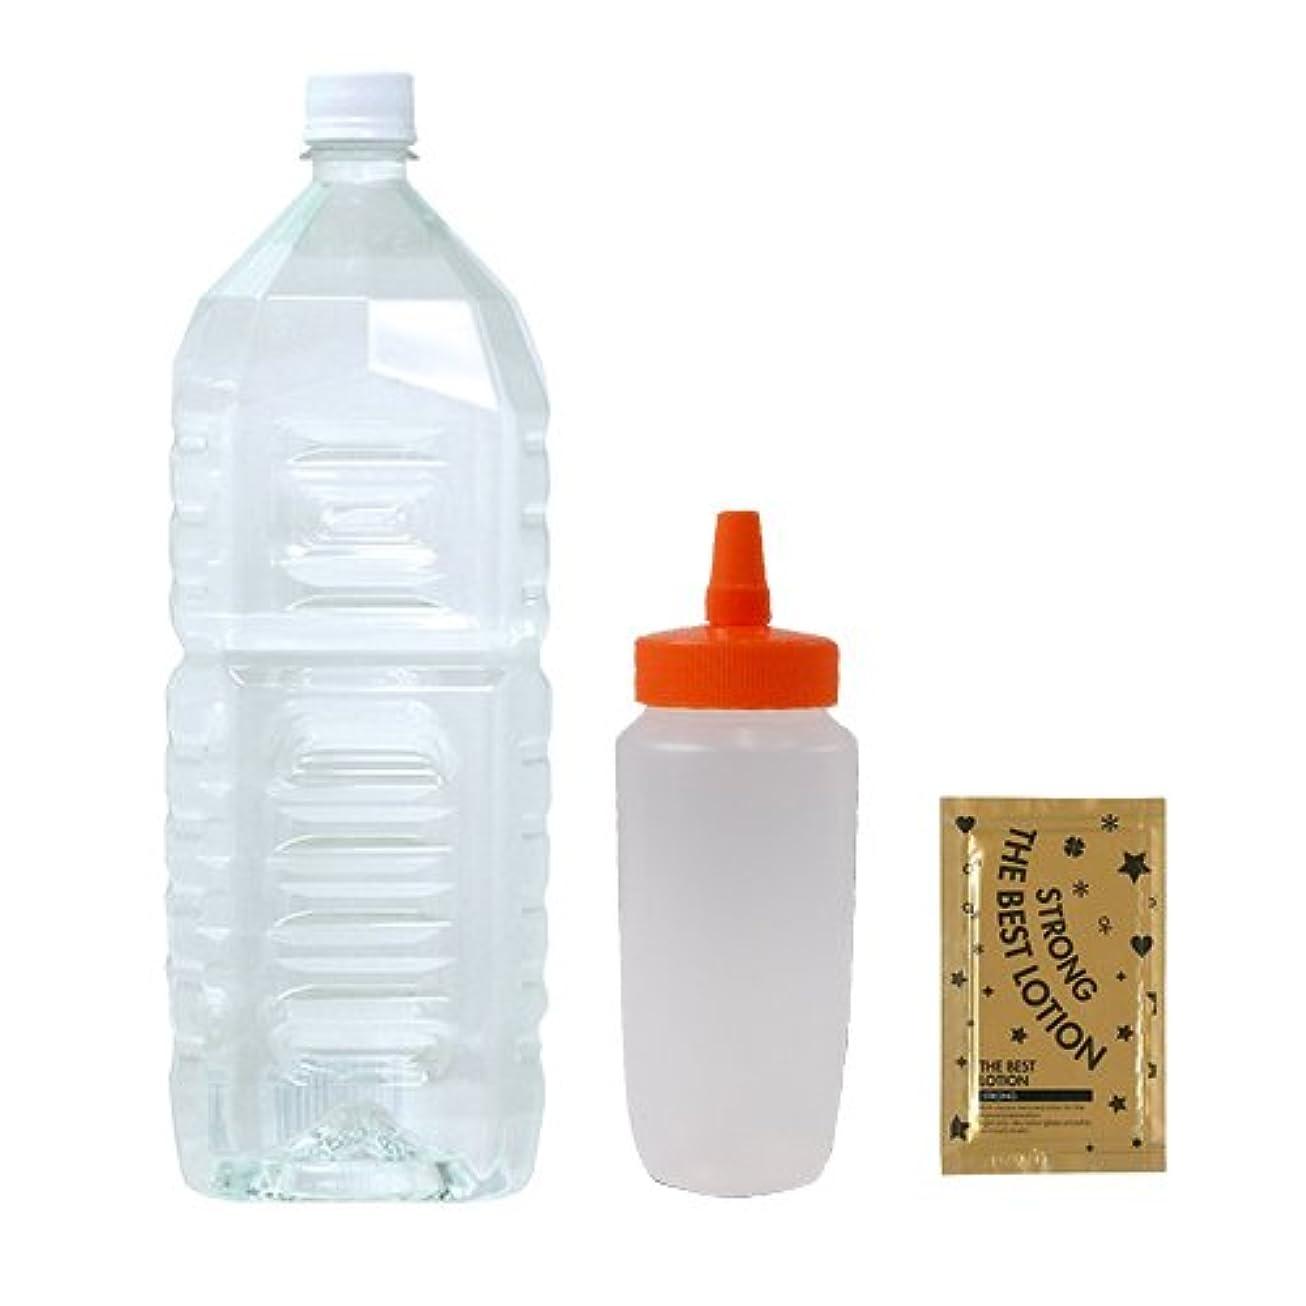 注ぎますクラブ結紮クリアローション 2Lペットボトル ハードタイプ(5倍濃縮原液)+ はちみつ容器360ml(オレンジキャップ)+ ベストローションストロング 1包付き セット